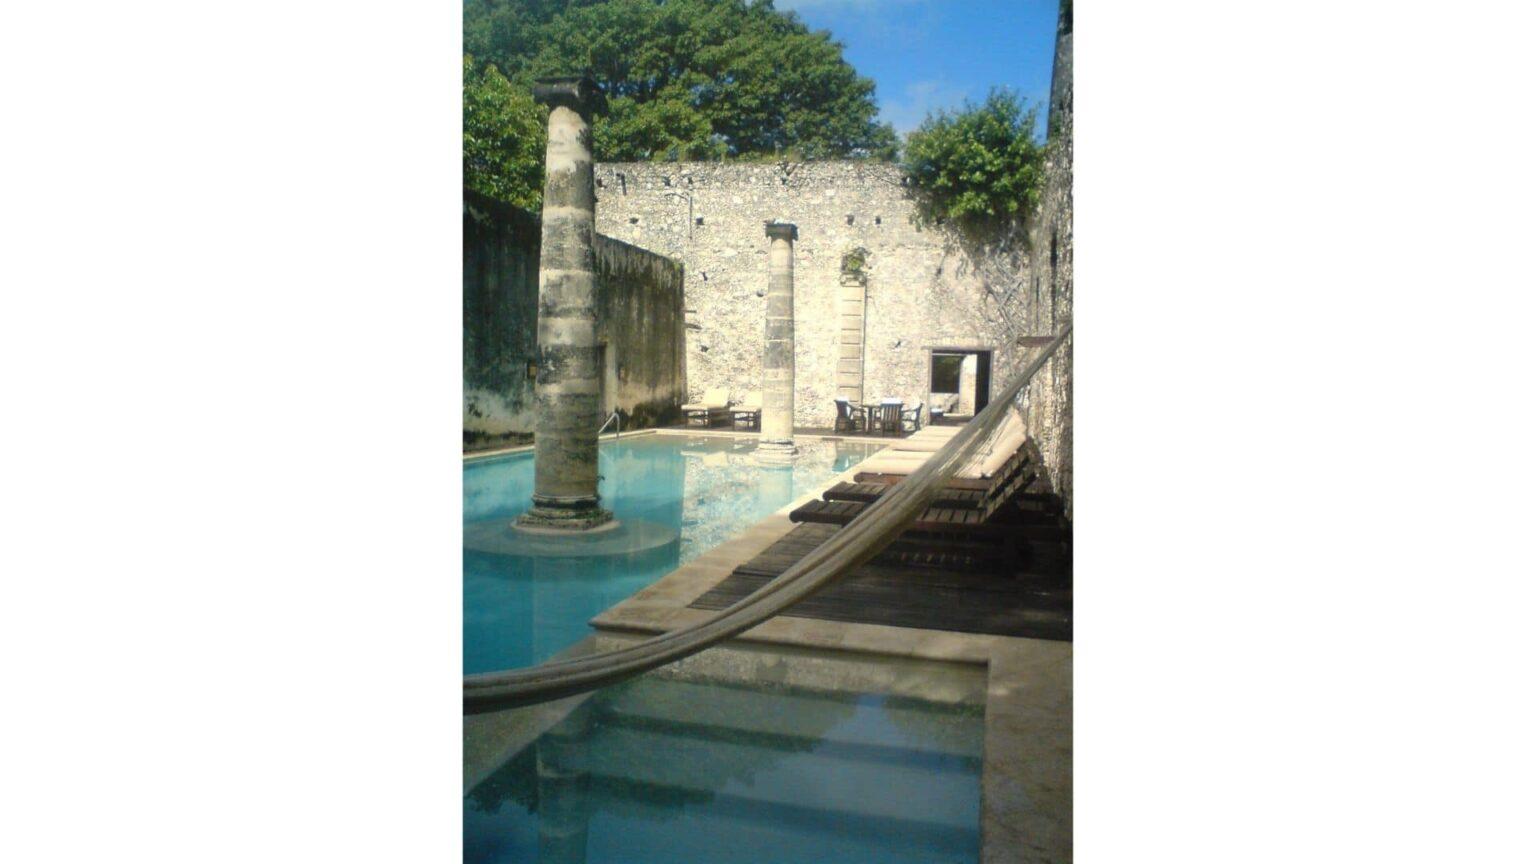 galerie photos voyage Mexique , une hacienda transformée en hôtel de luxe